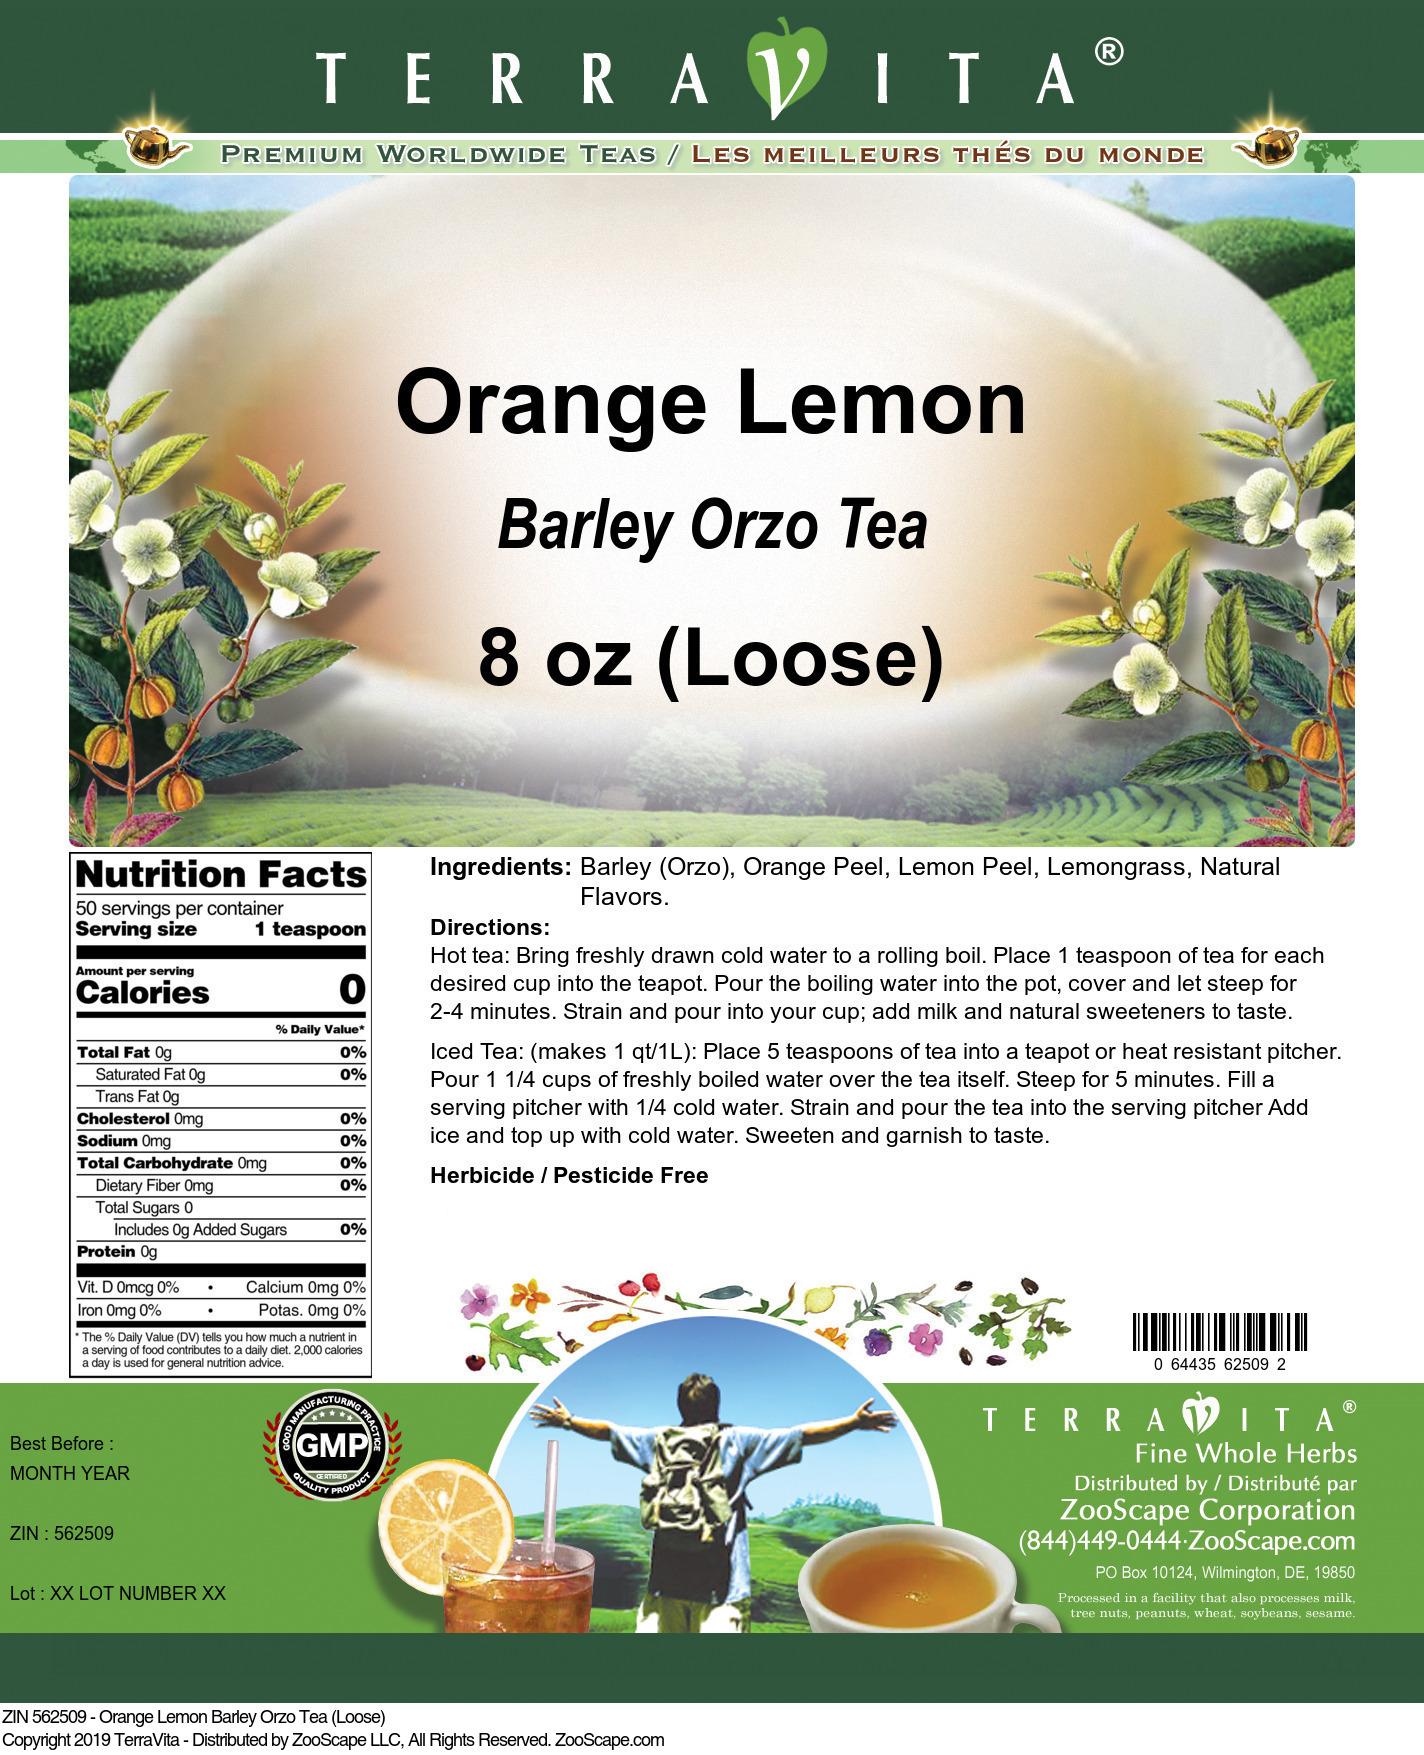 Orange Lemon Barley Orzo Tea (Loose)